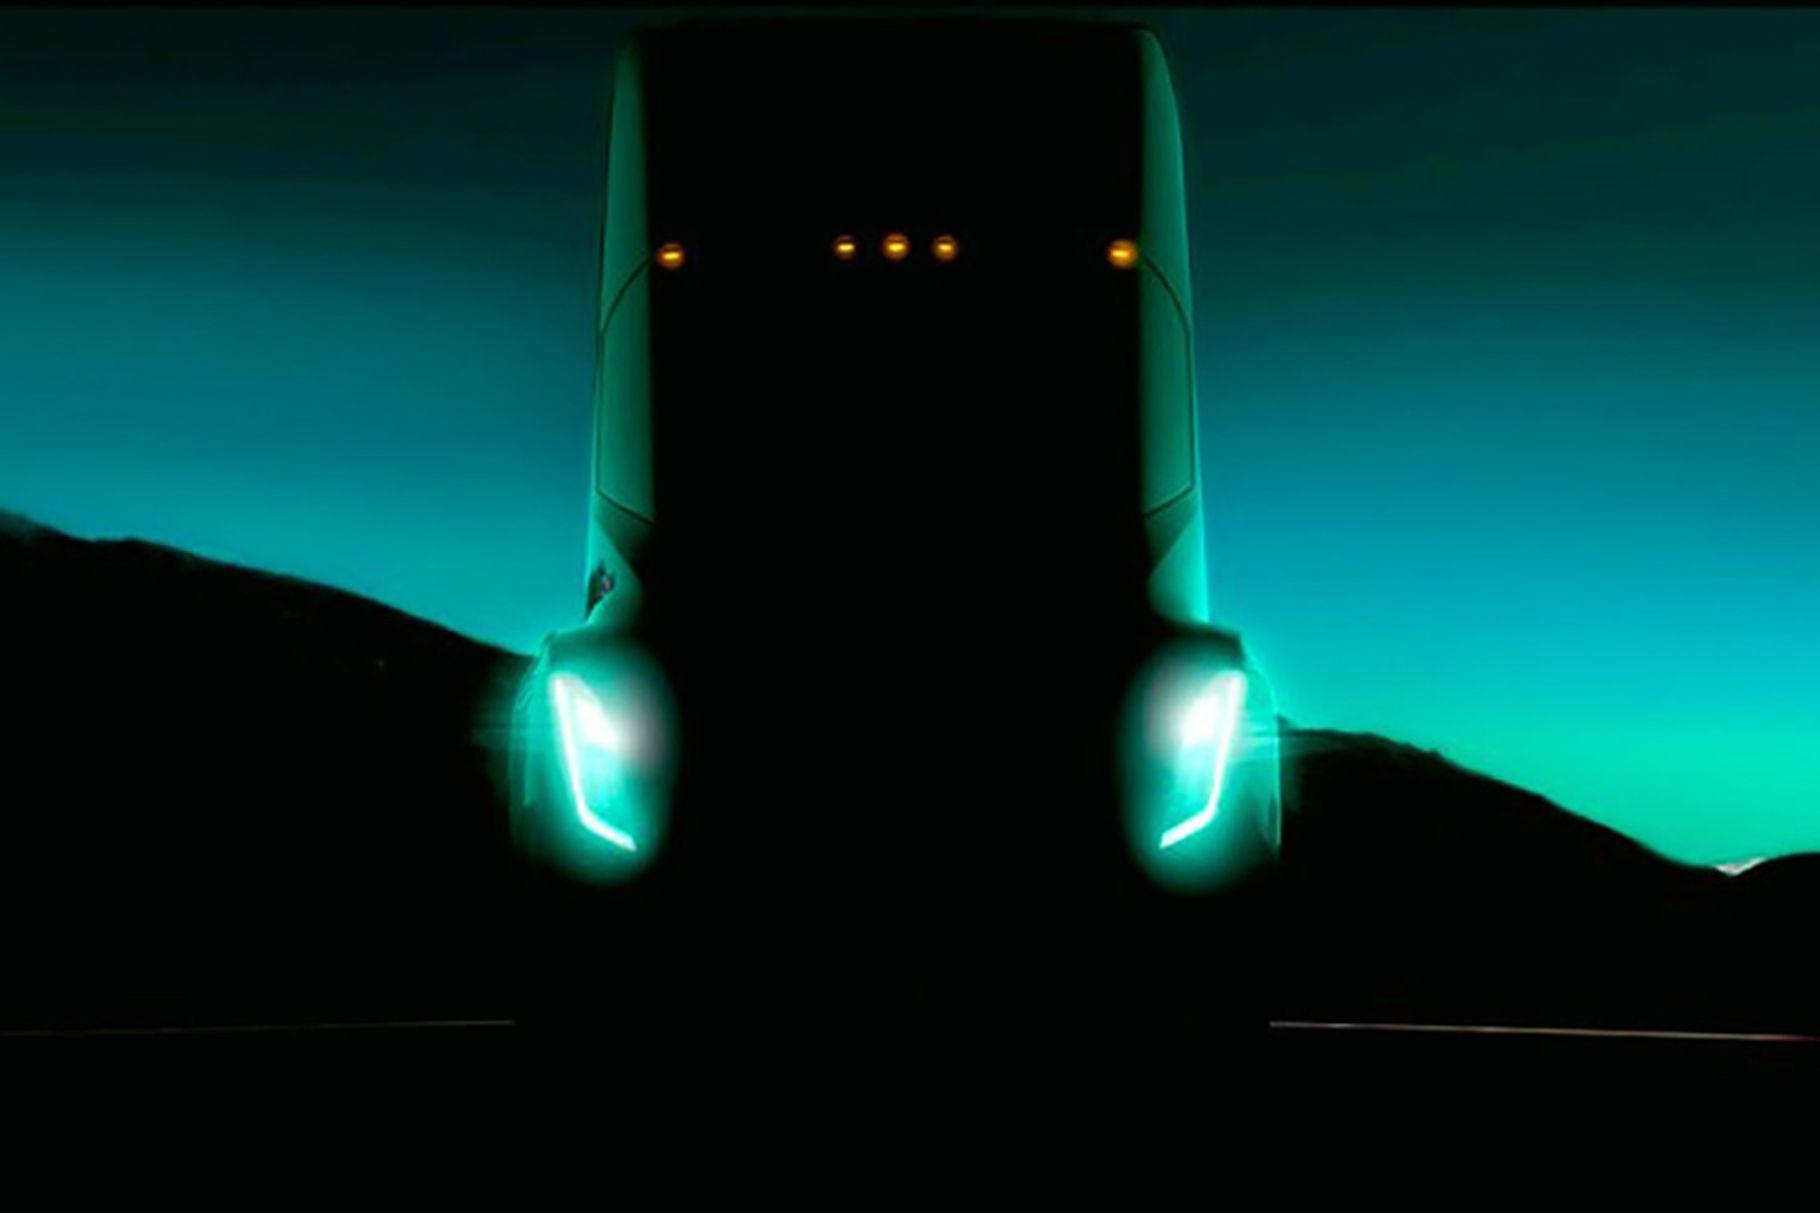 Tutti i produttori di auto dovrebbero puntare sull'elettrico